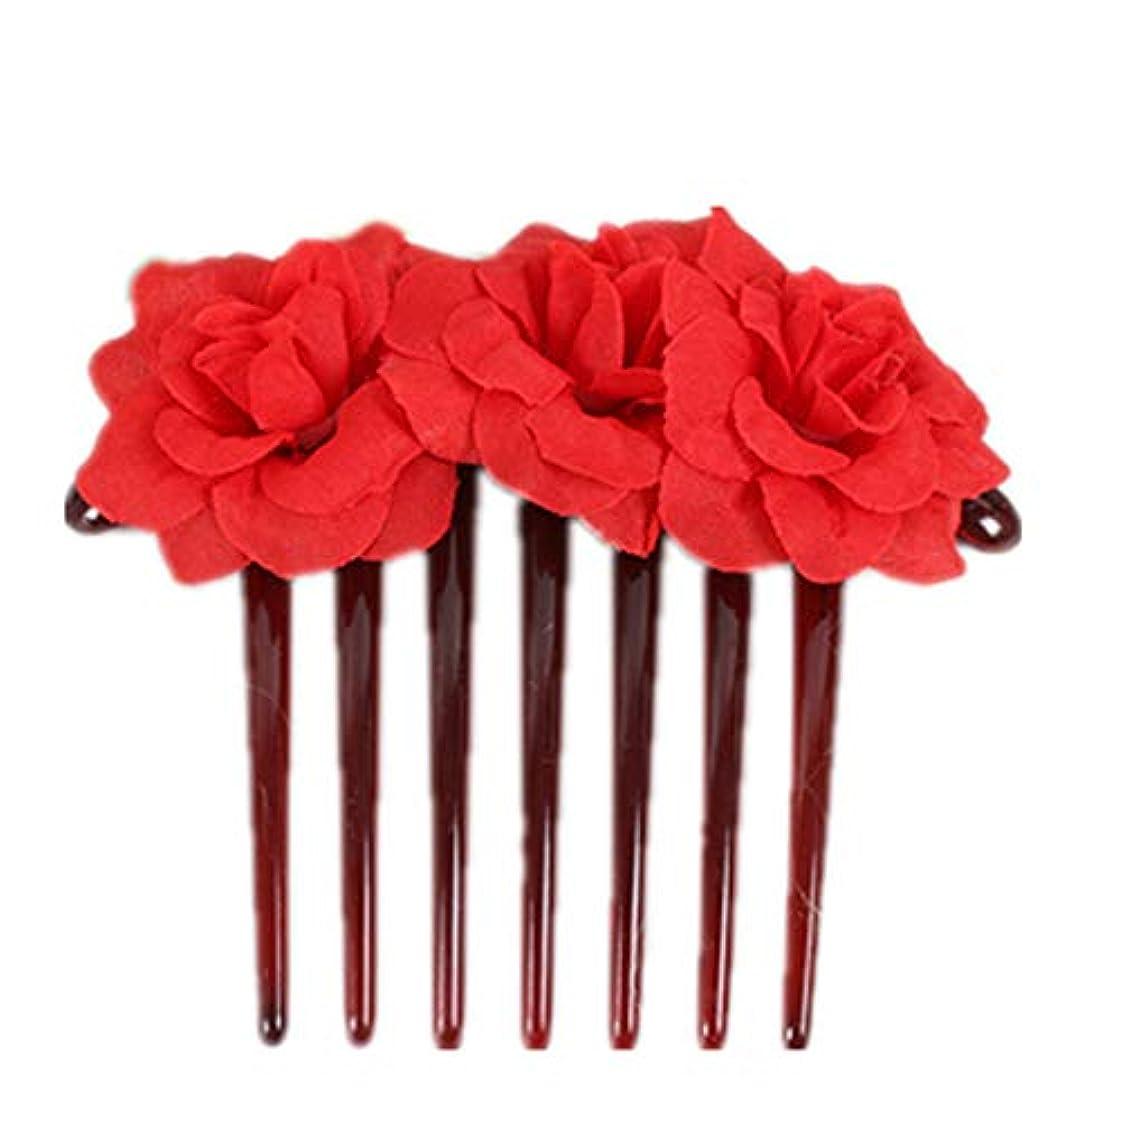 削減余分な中傷1st market プレミアム品質シミュレーション花花嫁の髪櫛頭飾りヘアピンクリップ櫛スタイリングアクセサリー、赤